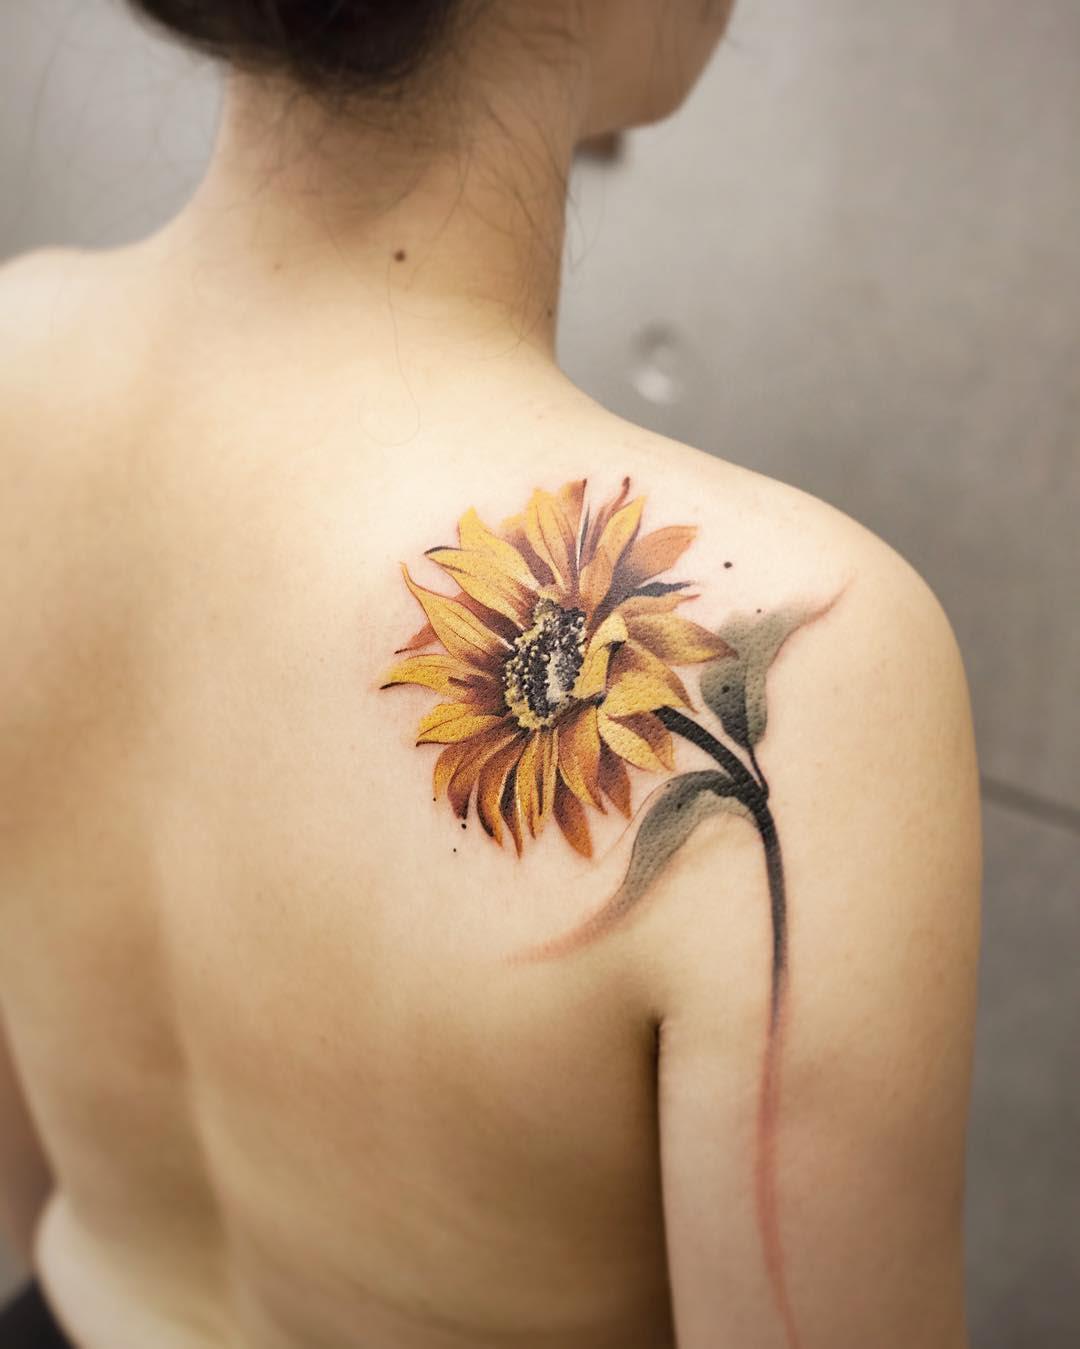 shoulder blade tattoo sunflower